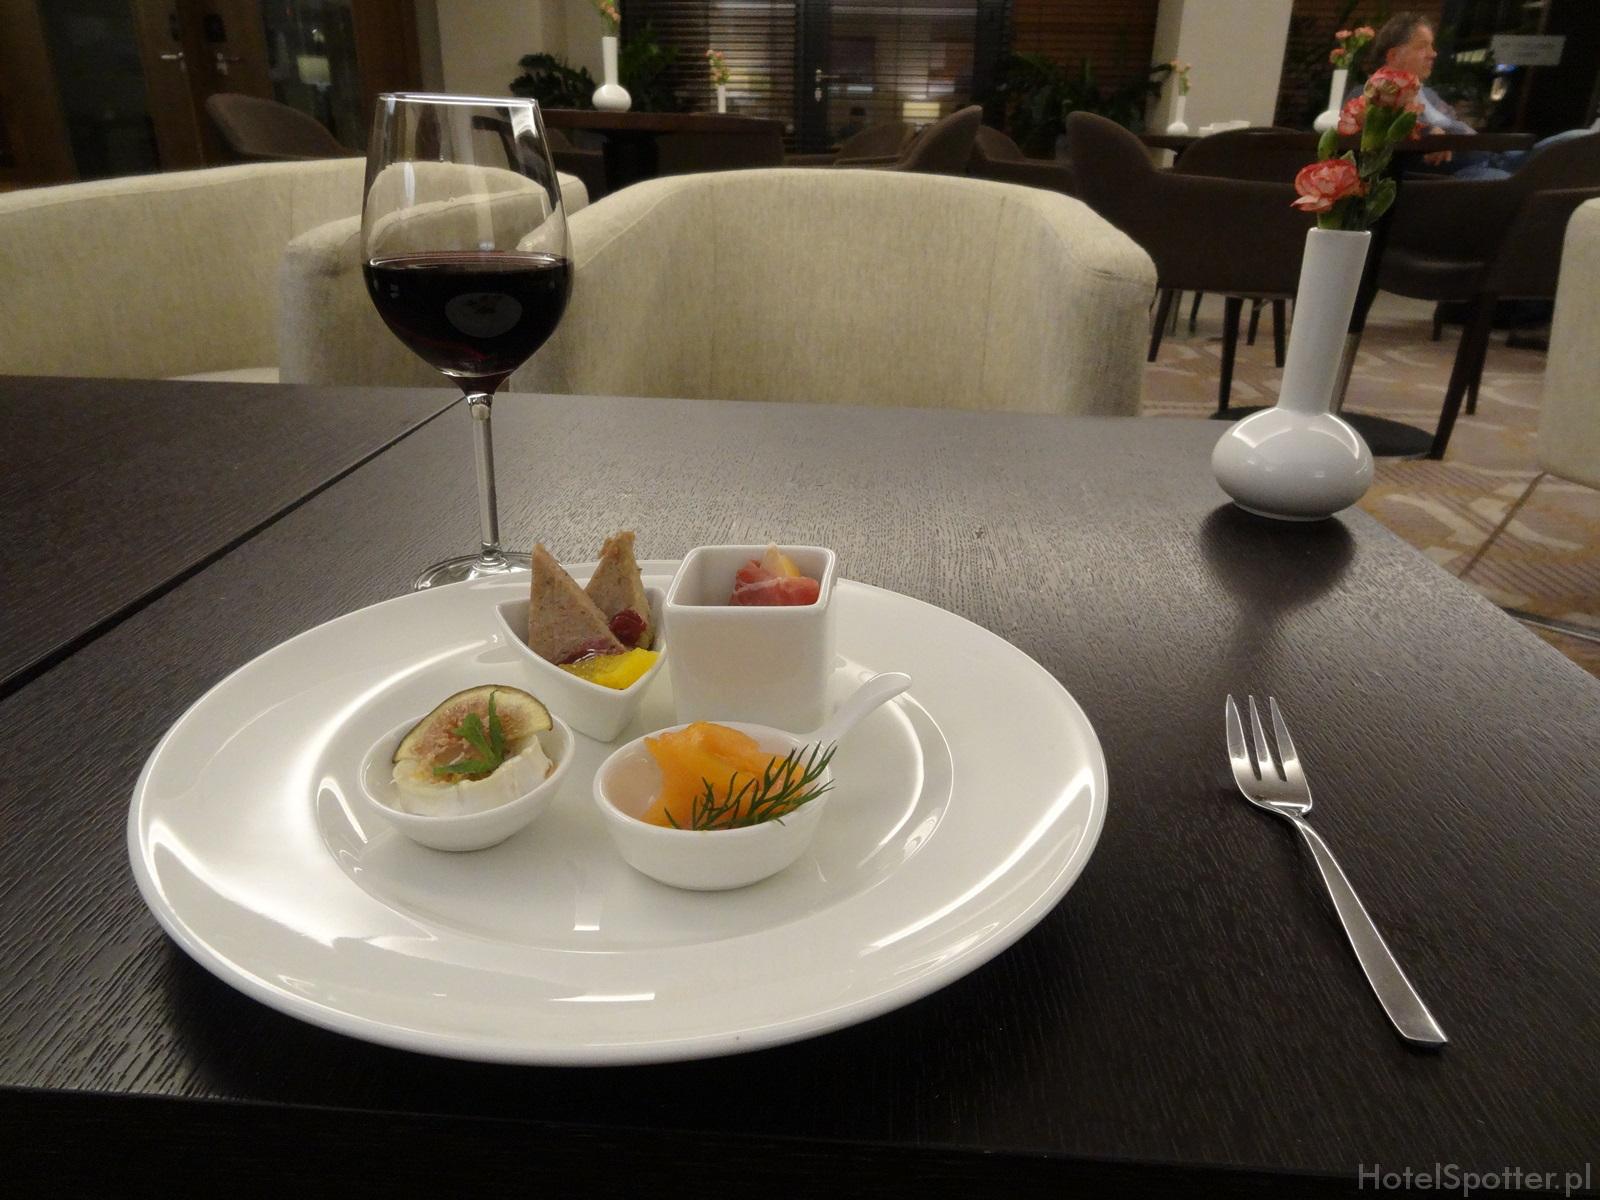 Salonik Executive Lounge w DoubleTree by Hilton Warsaw - jedzenie